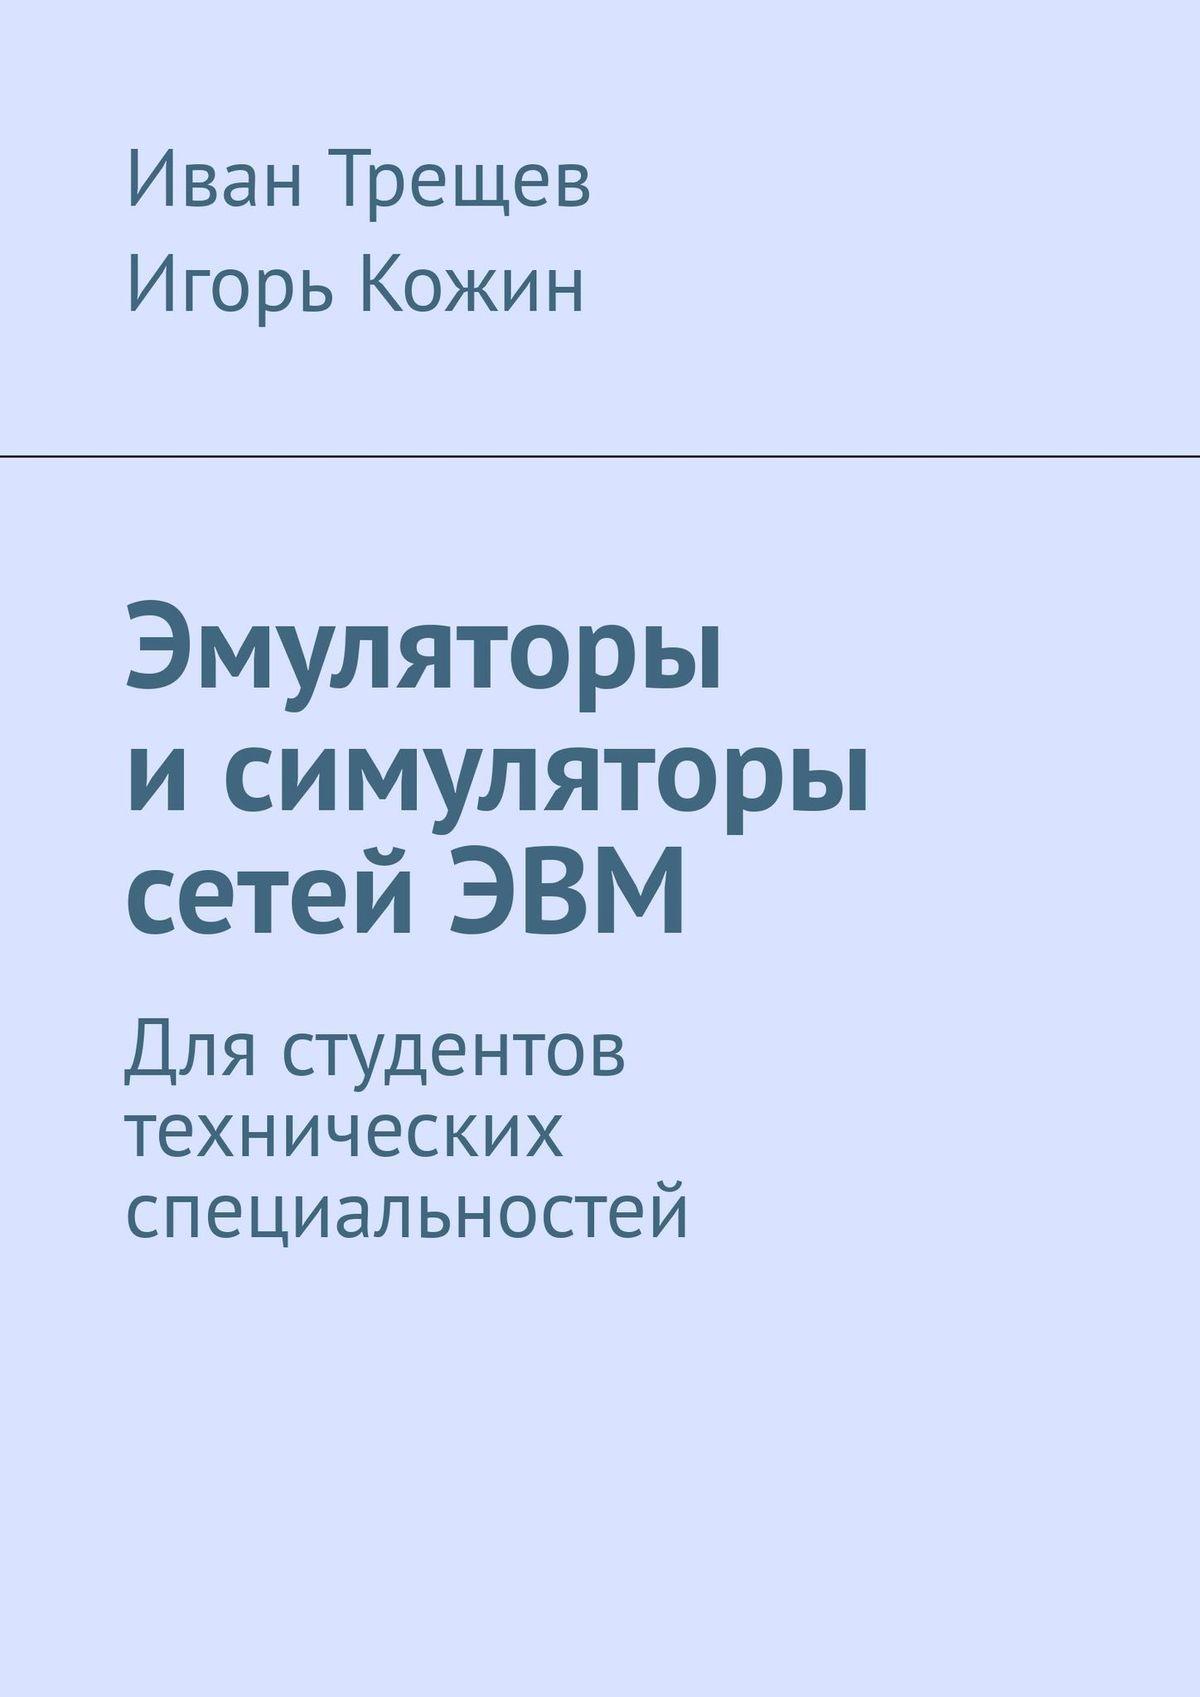 Игорь Кожин, Иван Трещев - Эмуляторы и симуляторы сетей ЭВМ. Для студентов технических специальностей